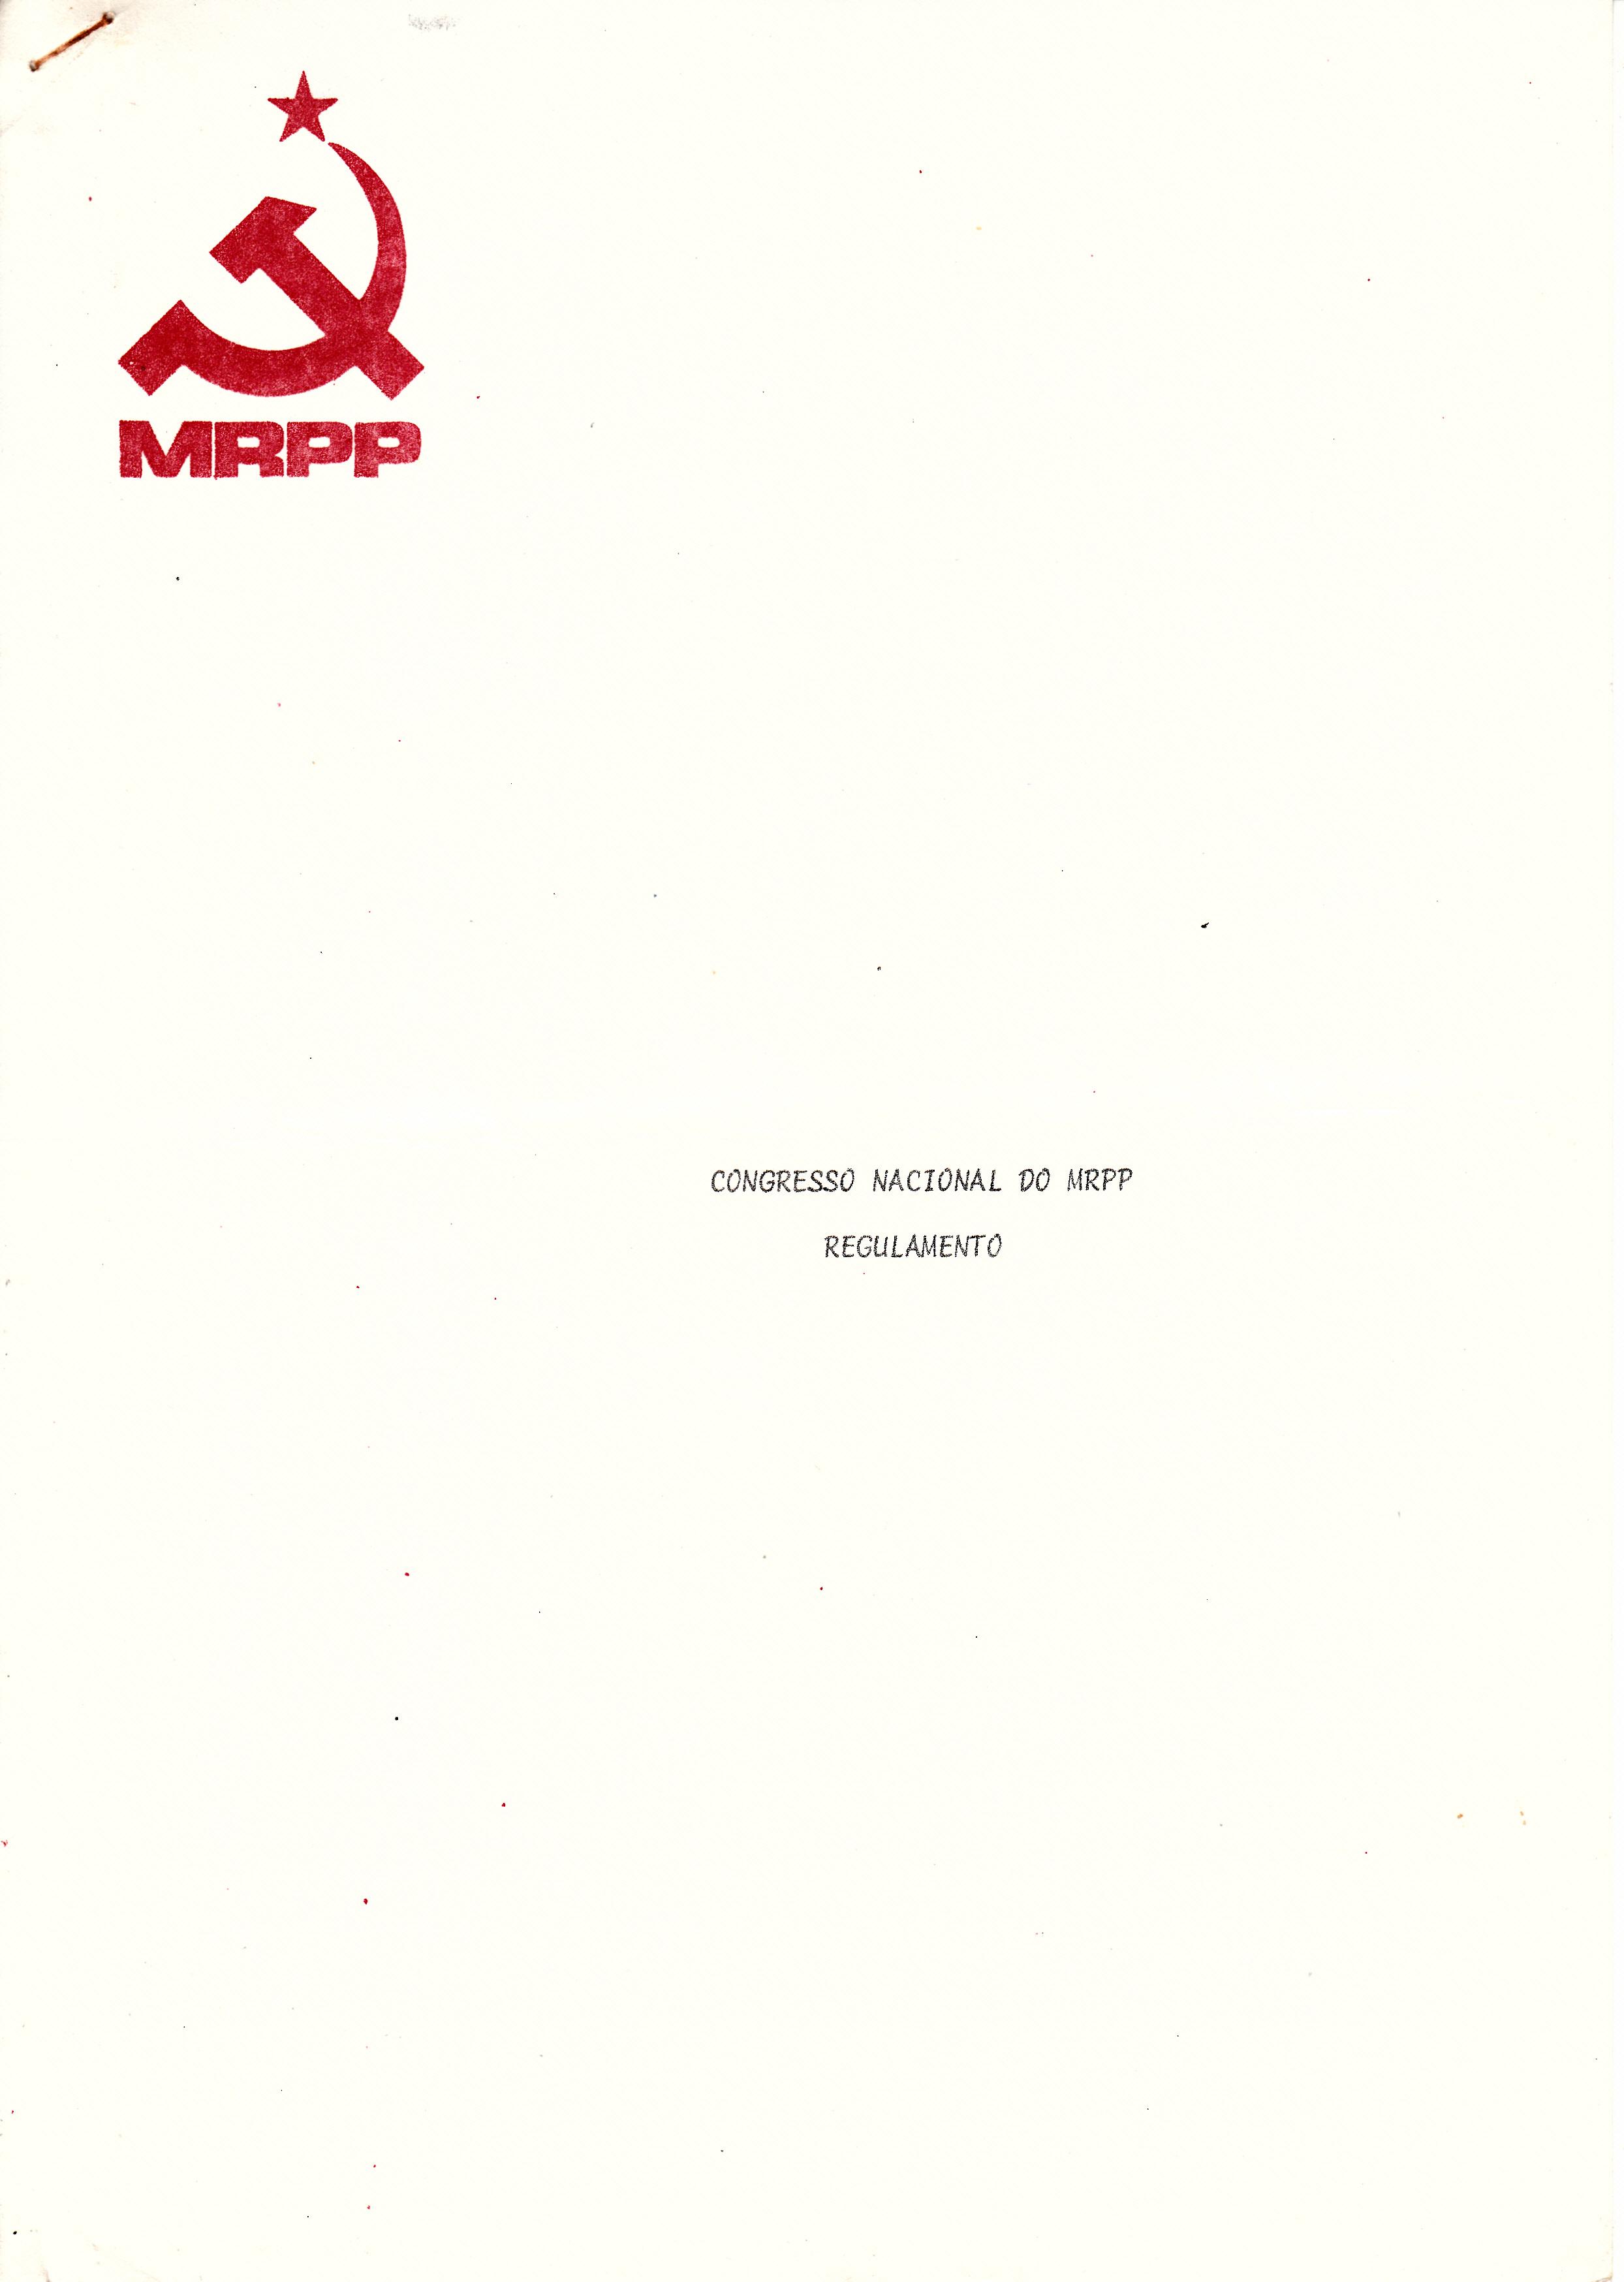 MRPP_1976_12_26_cn2